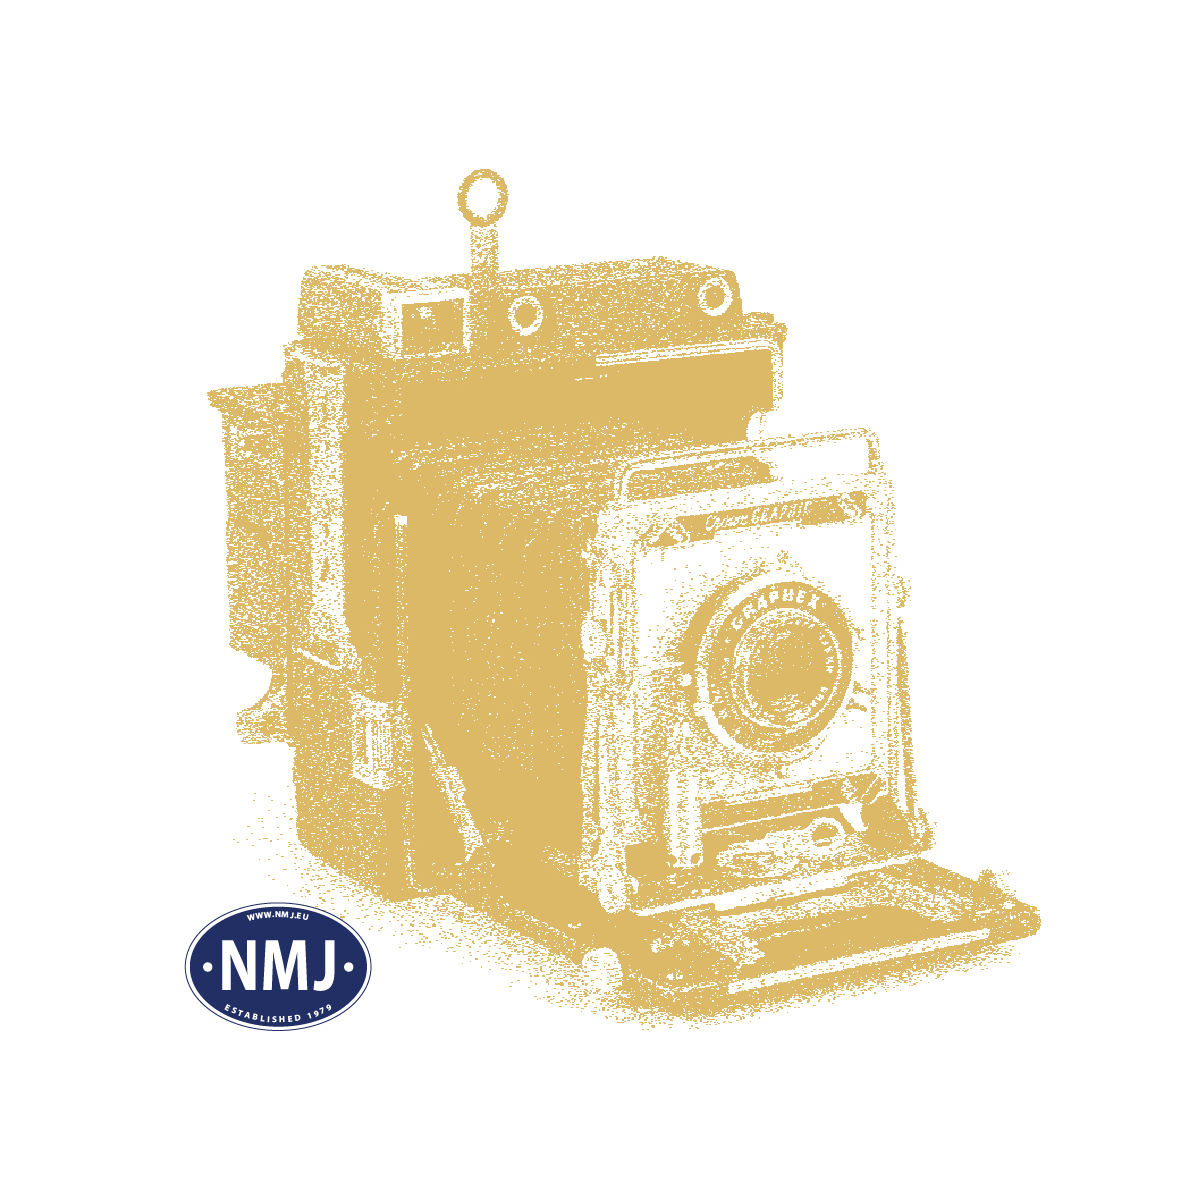 MIG7603 - Penselsett, Chipping & Detailing